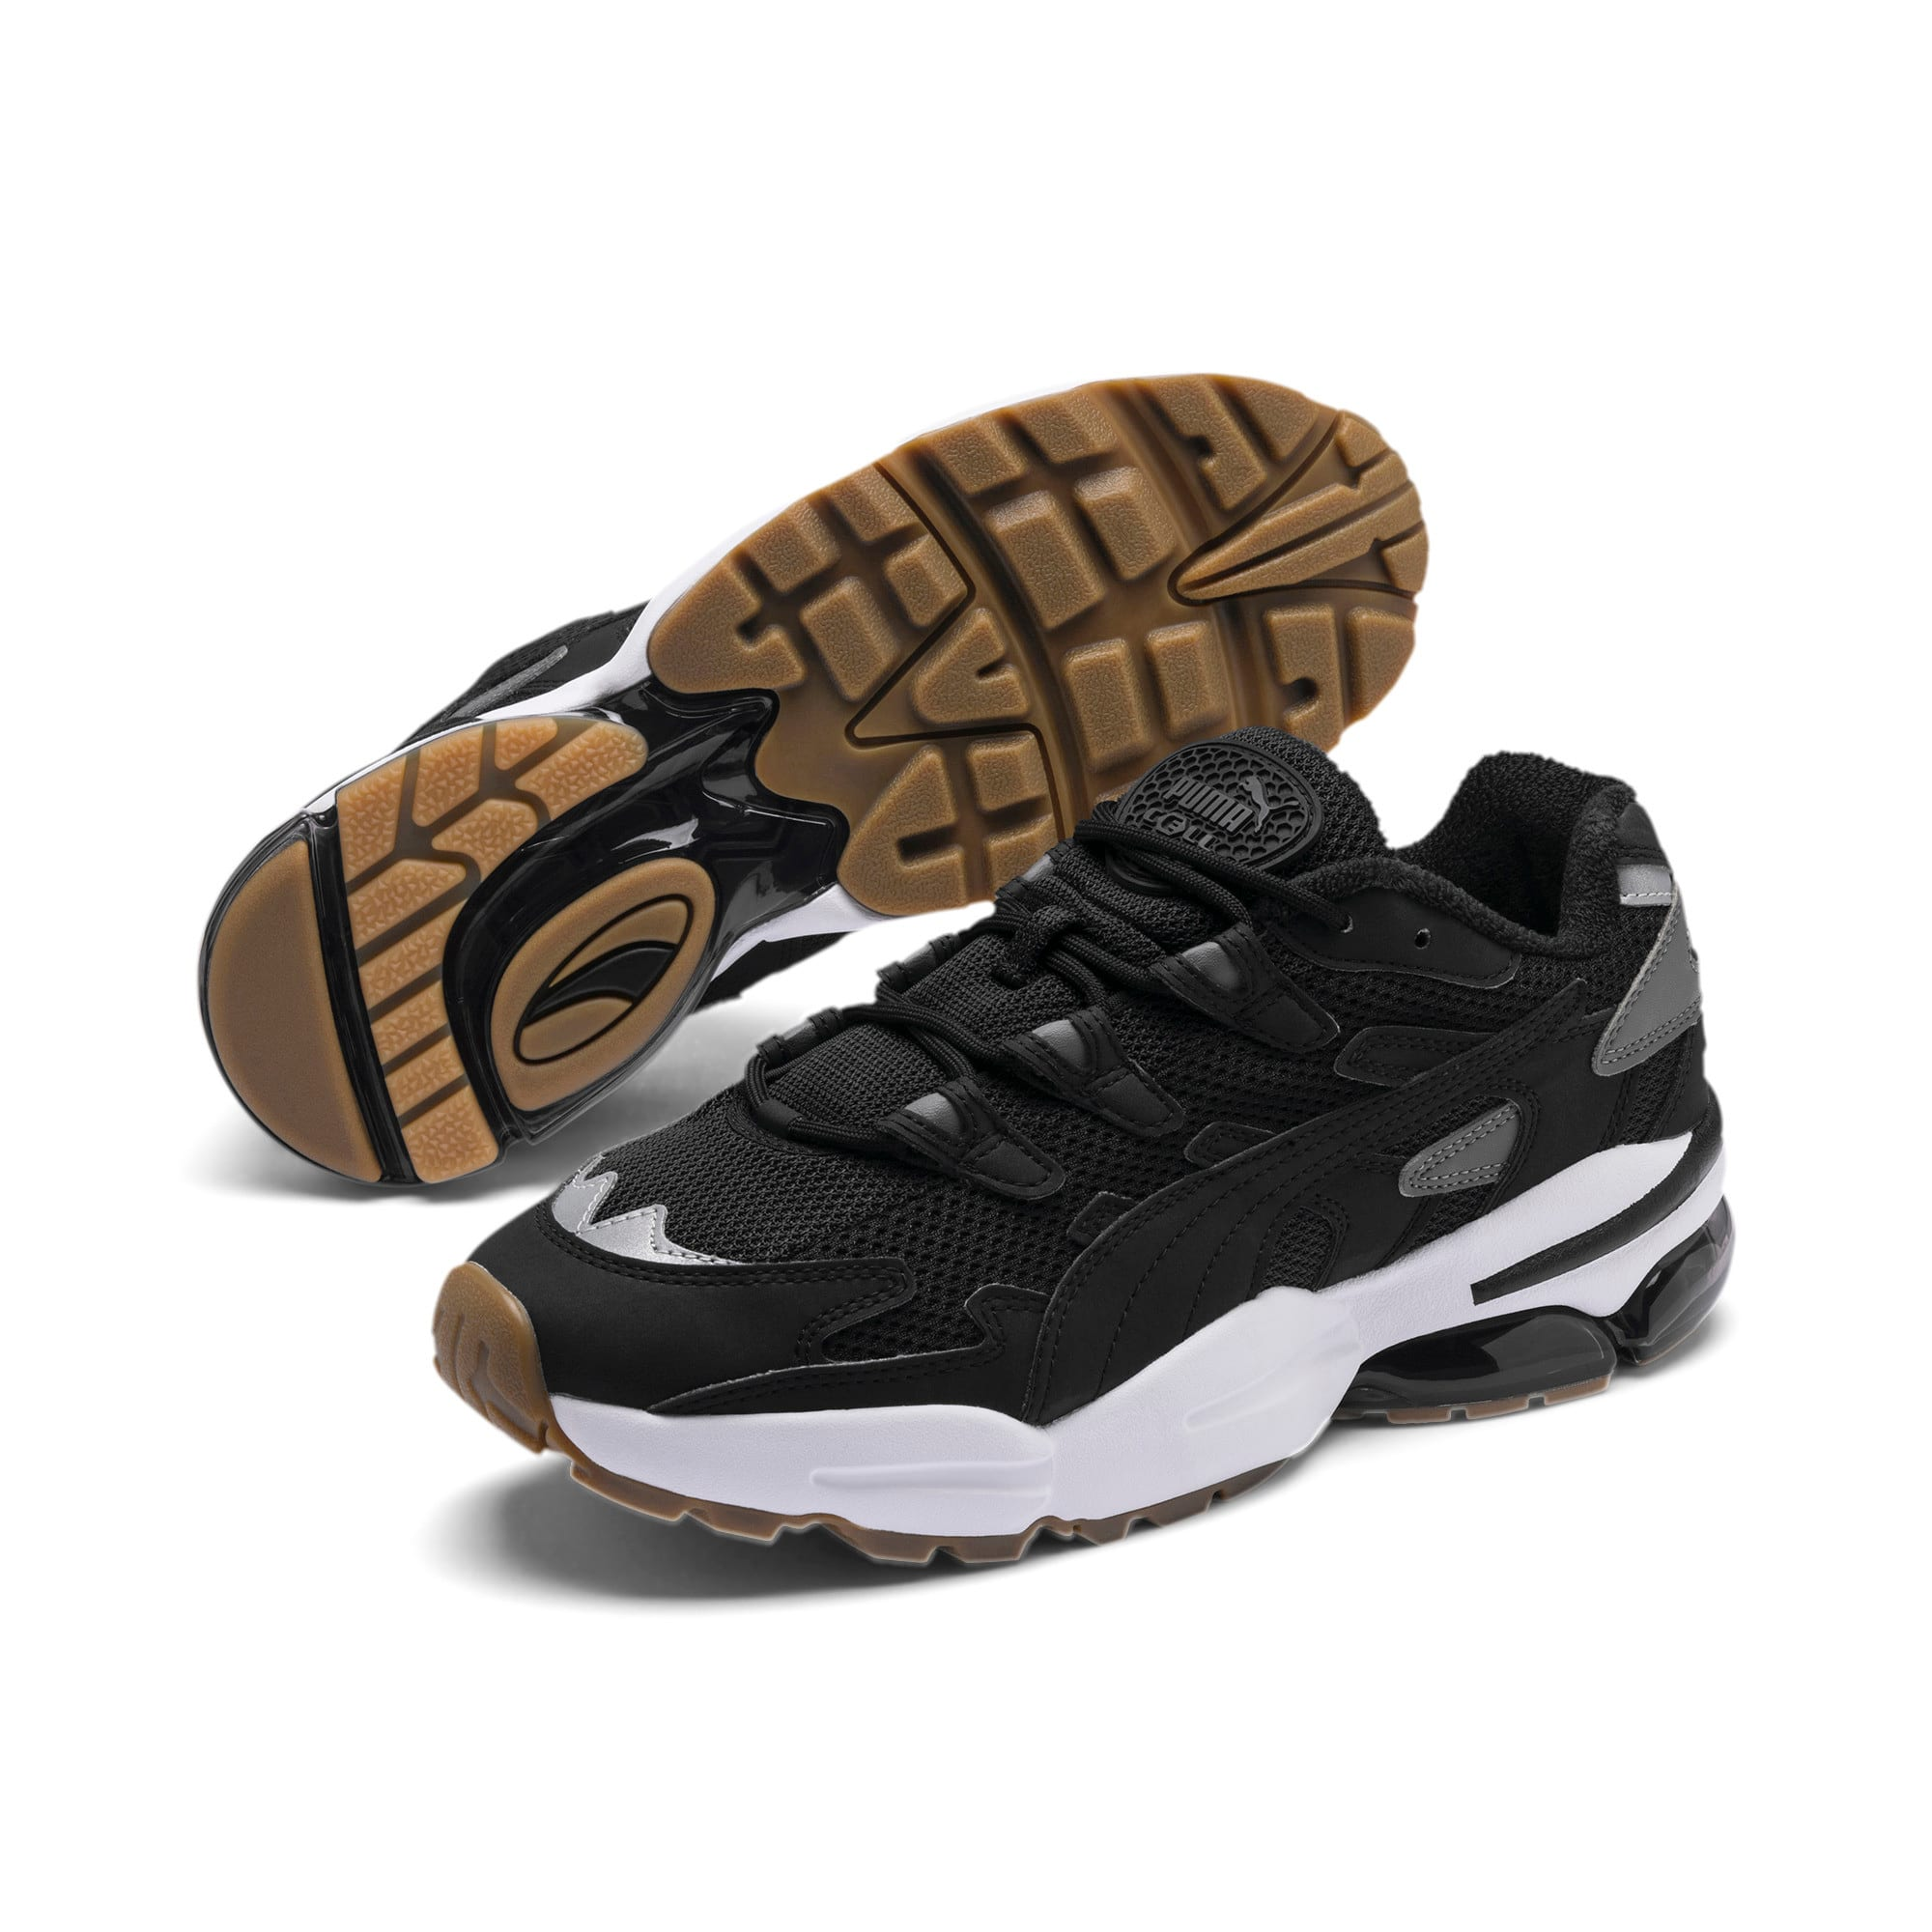 Thumbnail 2 of CELL Alien OG Sneaker, Puma Black-Gum, medium